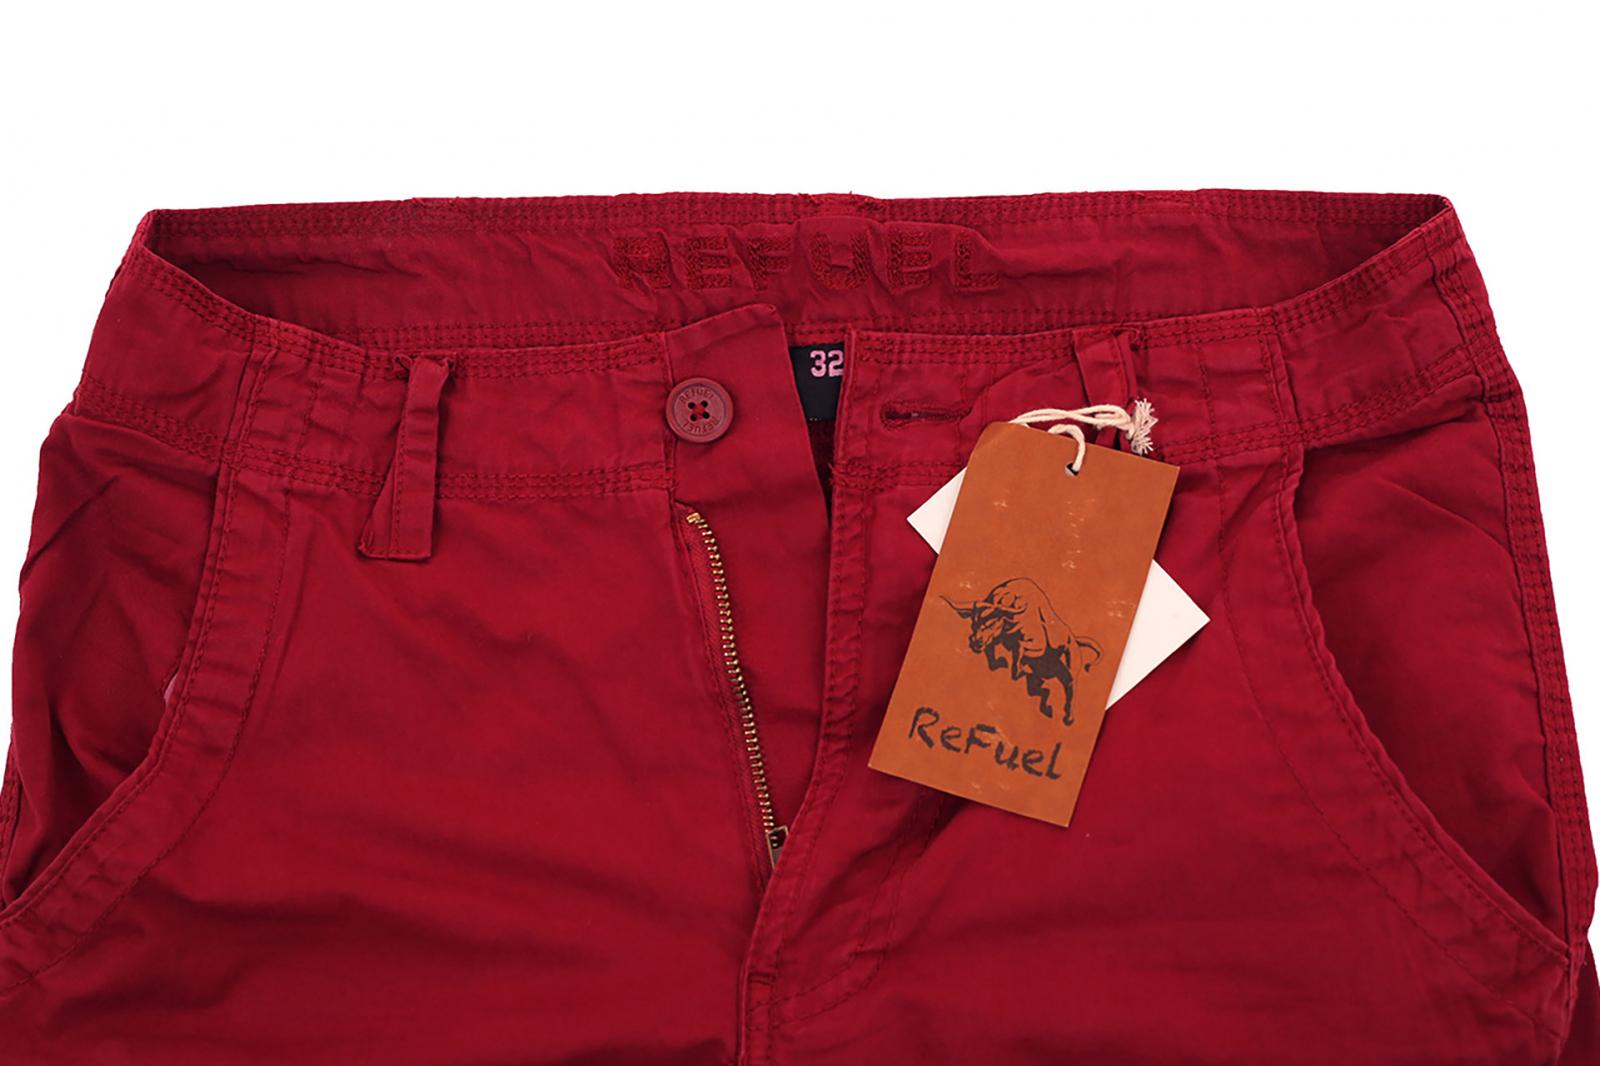 Новомодные мужские шорты от бренда Refuel с доставкой